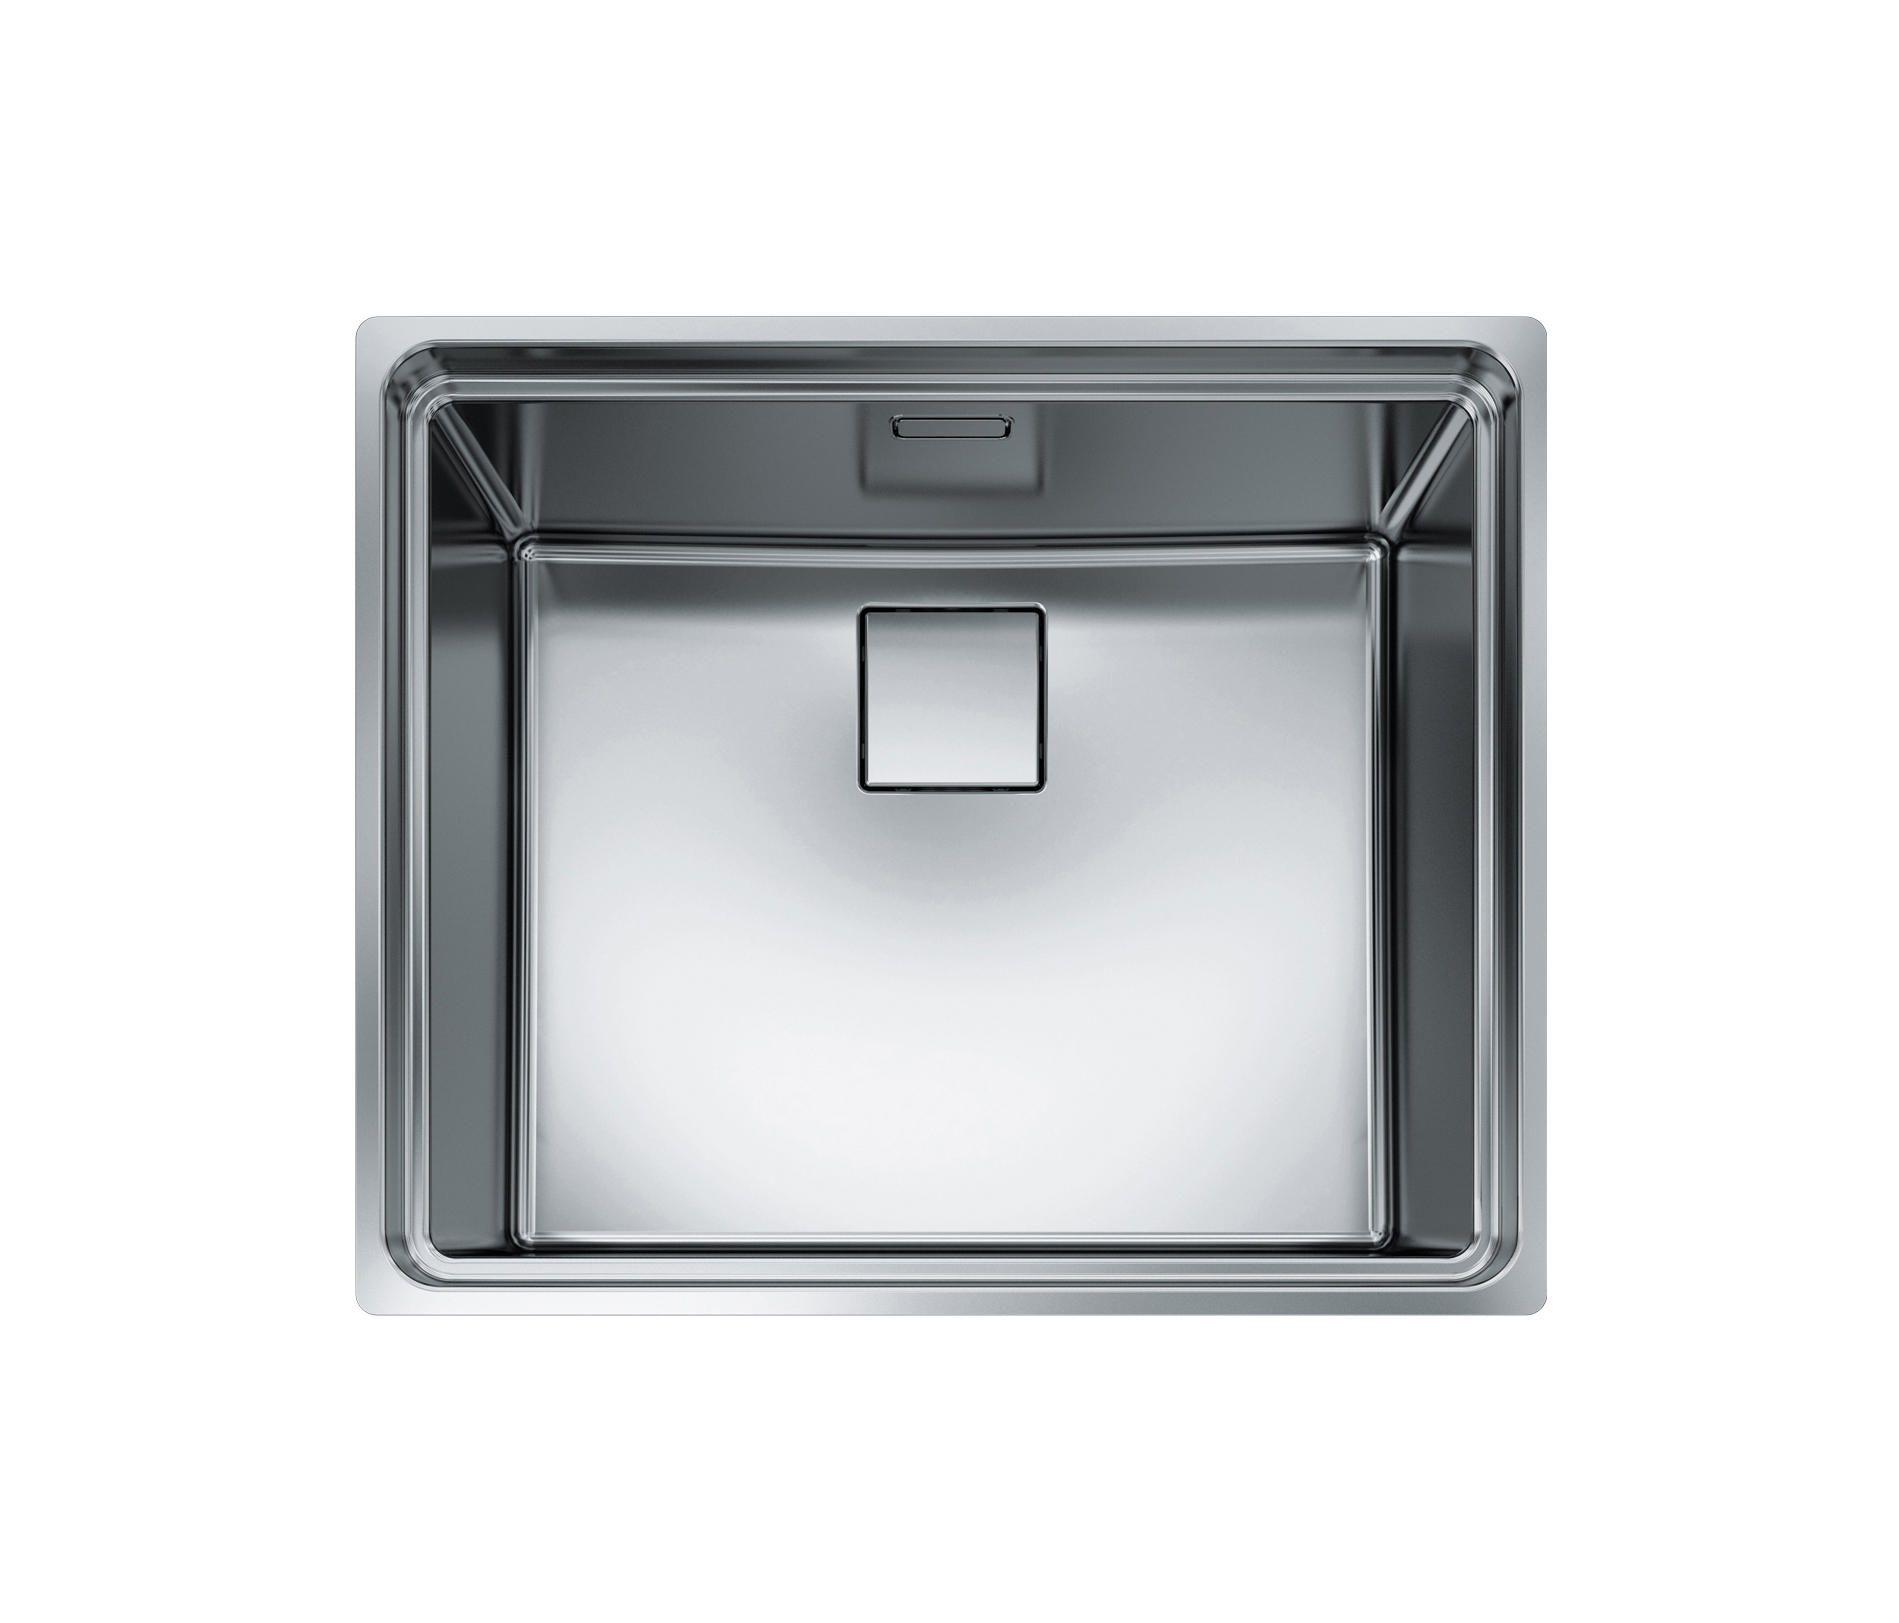 Franke Composite Sink Reviews | Kitchen Sinks At Lowes | Franke Kitchen  Sinks